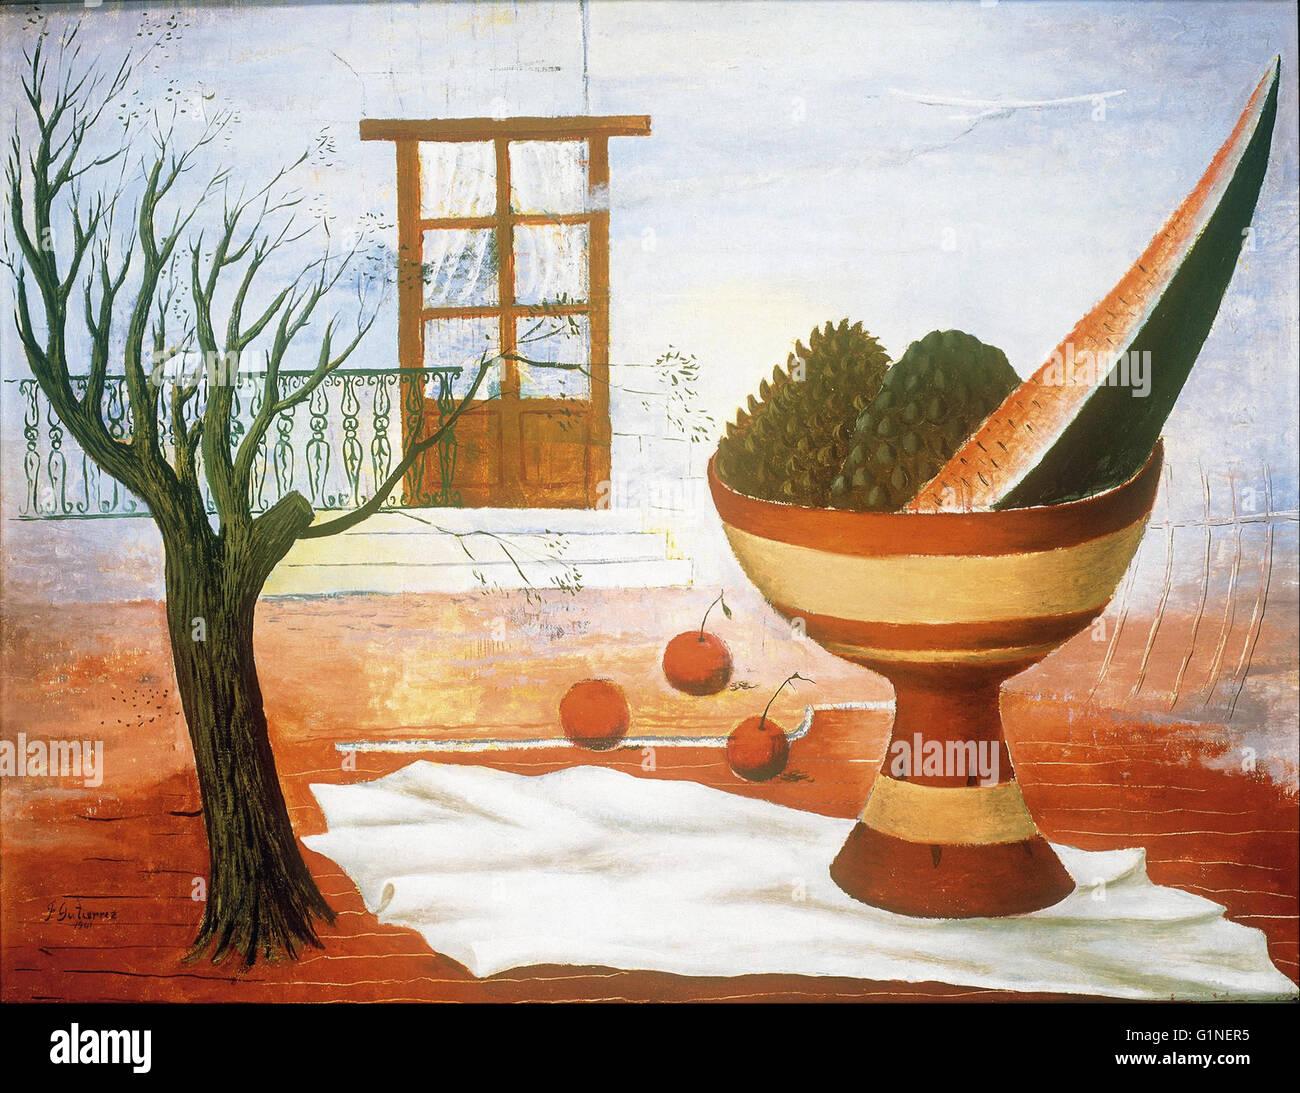 Francisco Gutierrez - Still Life -  Museo Nacional de Arte de Mexico - Stock Image